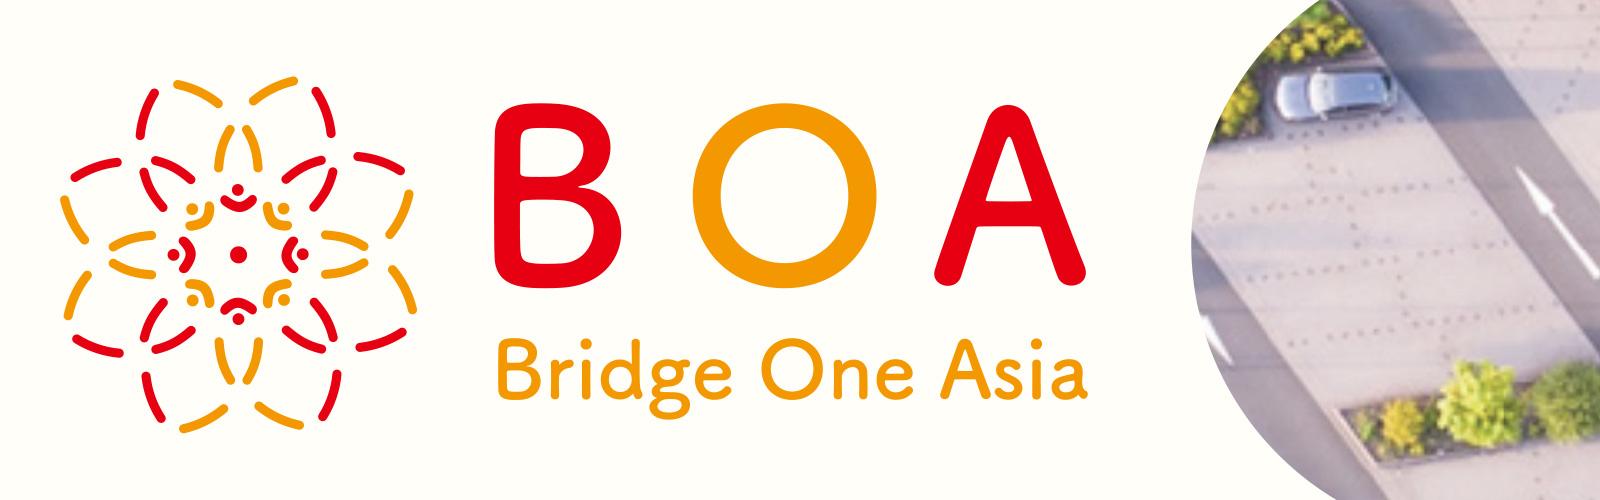 BOA(ブリッジワンアジア)